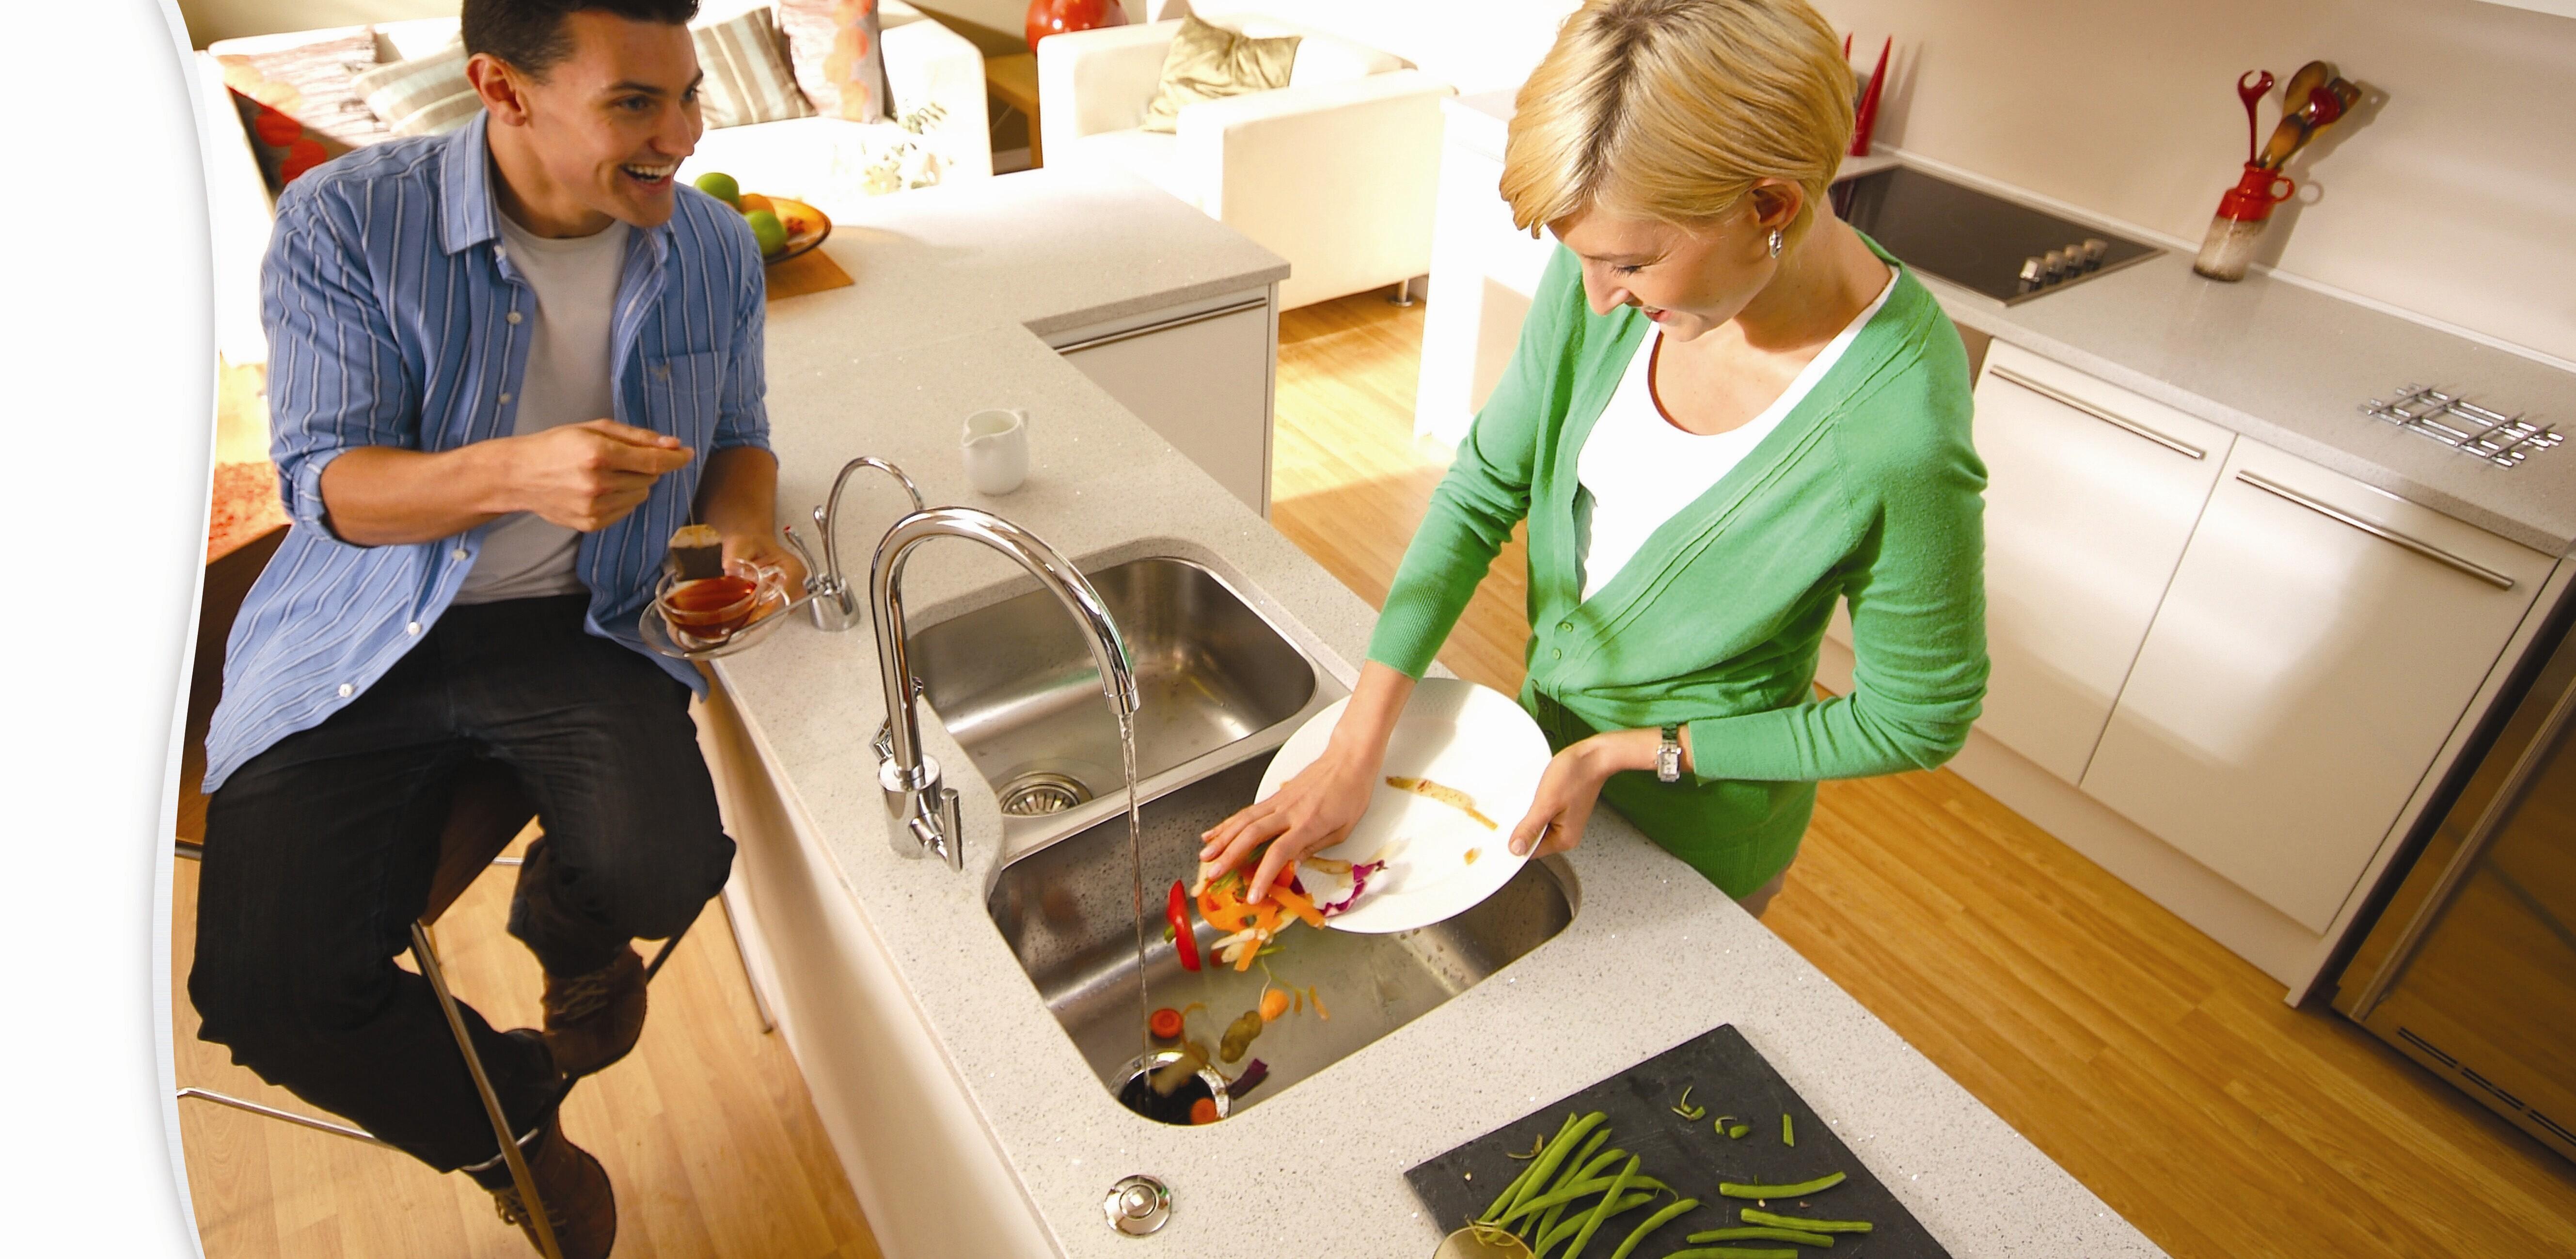 厨房垃圾处理器解决问题,将餐厨垃圾交给个人或者未取得特许经营资格的企业收运的,每次给予2000元罚款